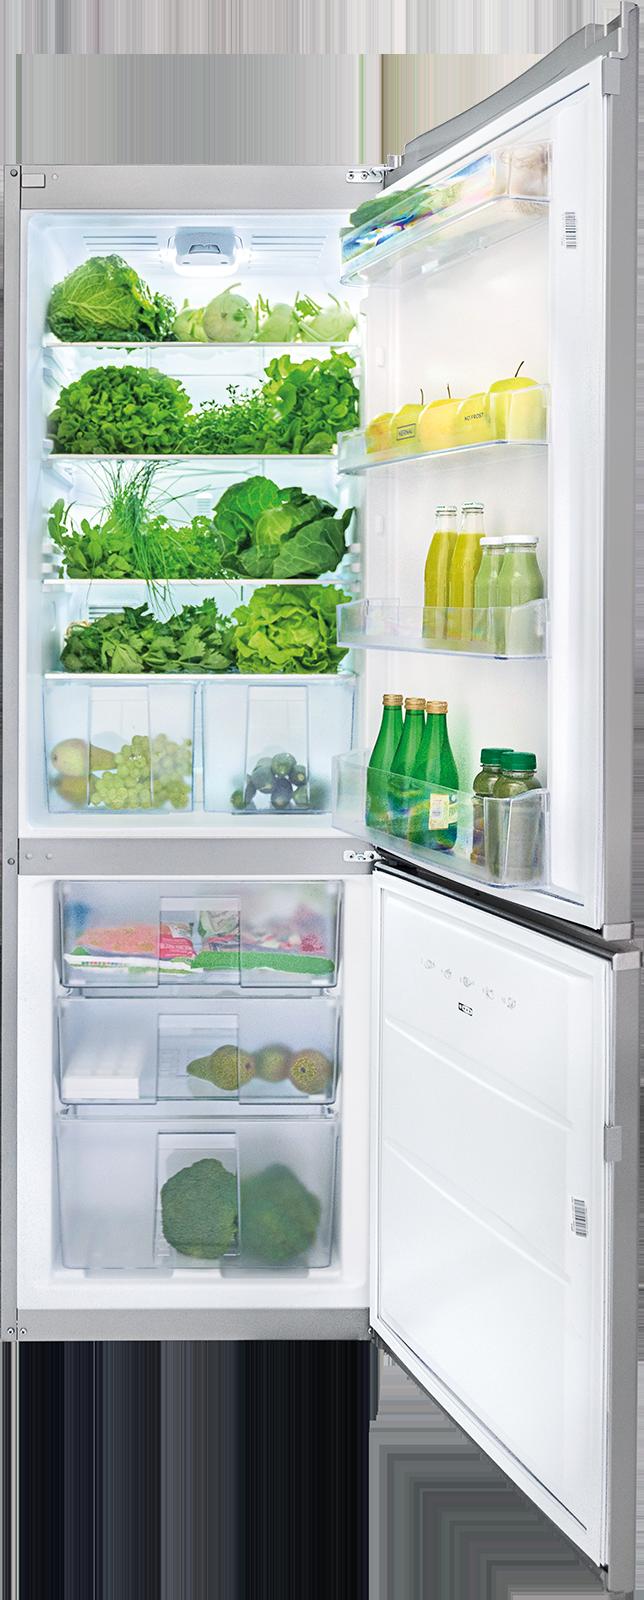 Freistehender Kühlschrank mit Gefrierfach KFRC 18161 NF X